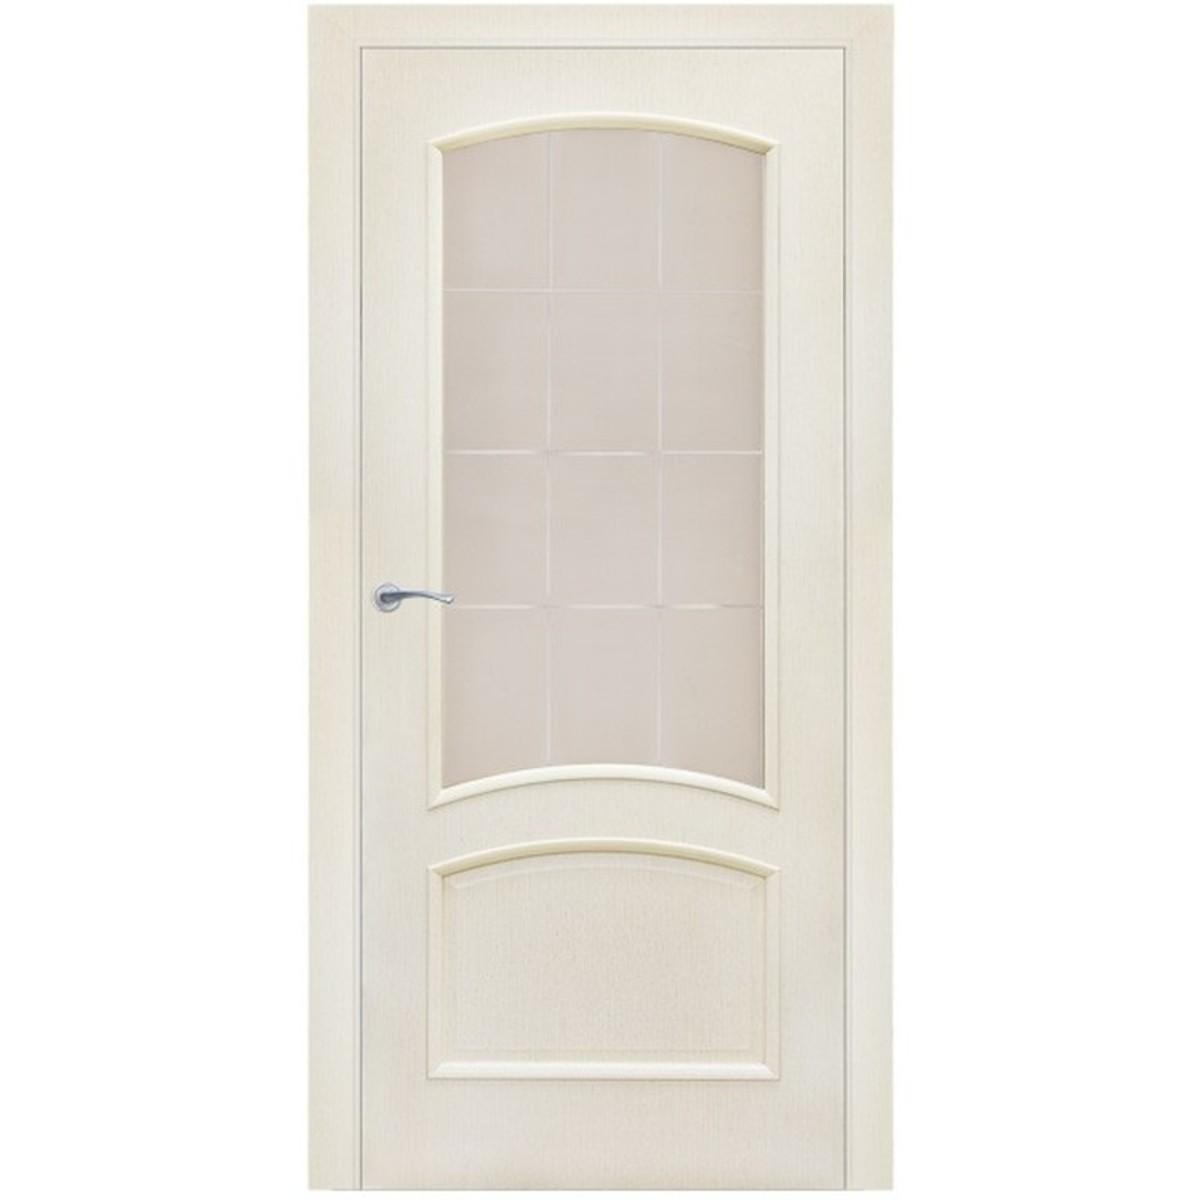 Дверь межкомнатная остеклённая Bravo 90x200 см ламинация цвет меланж